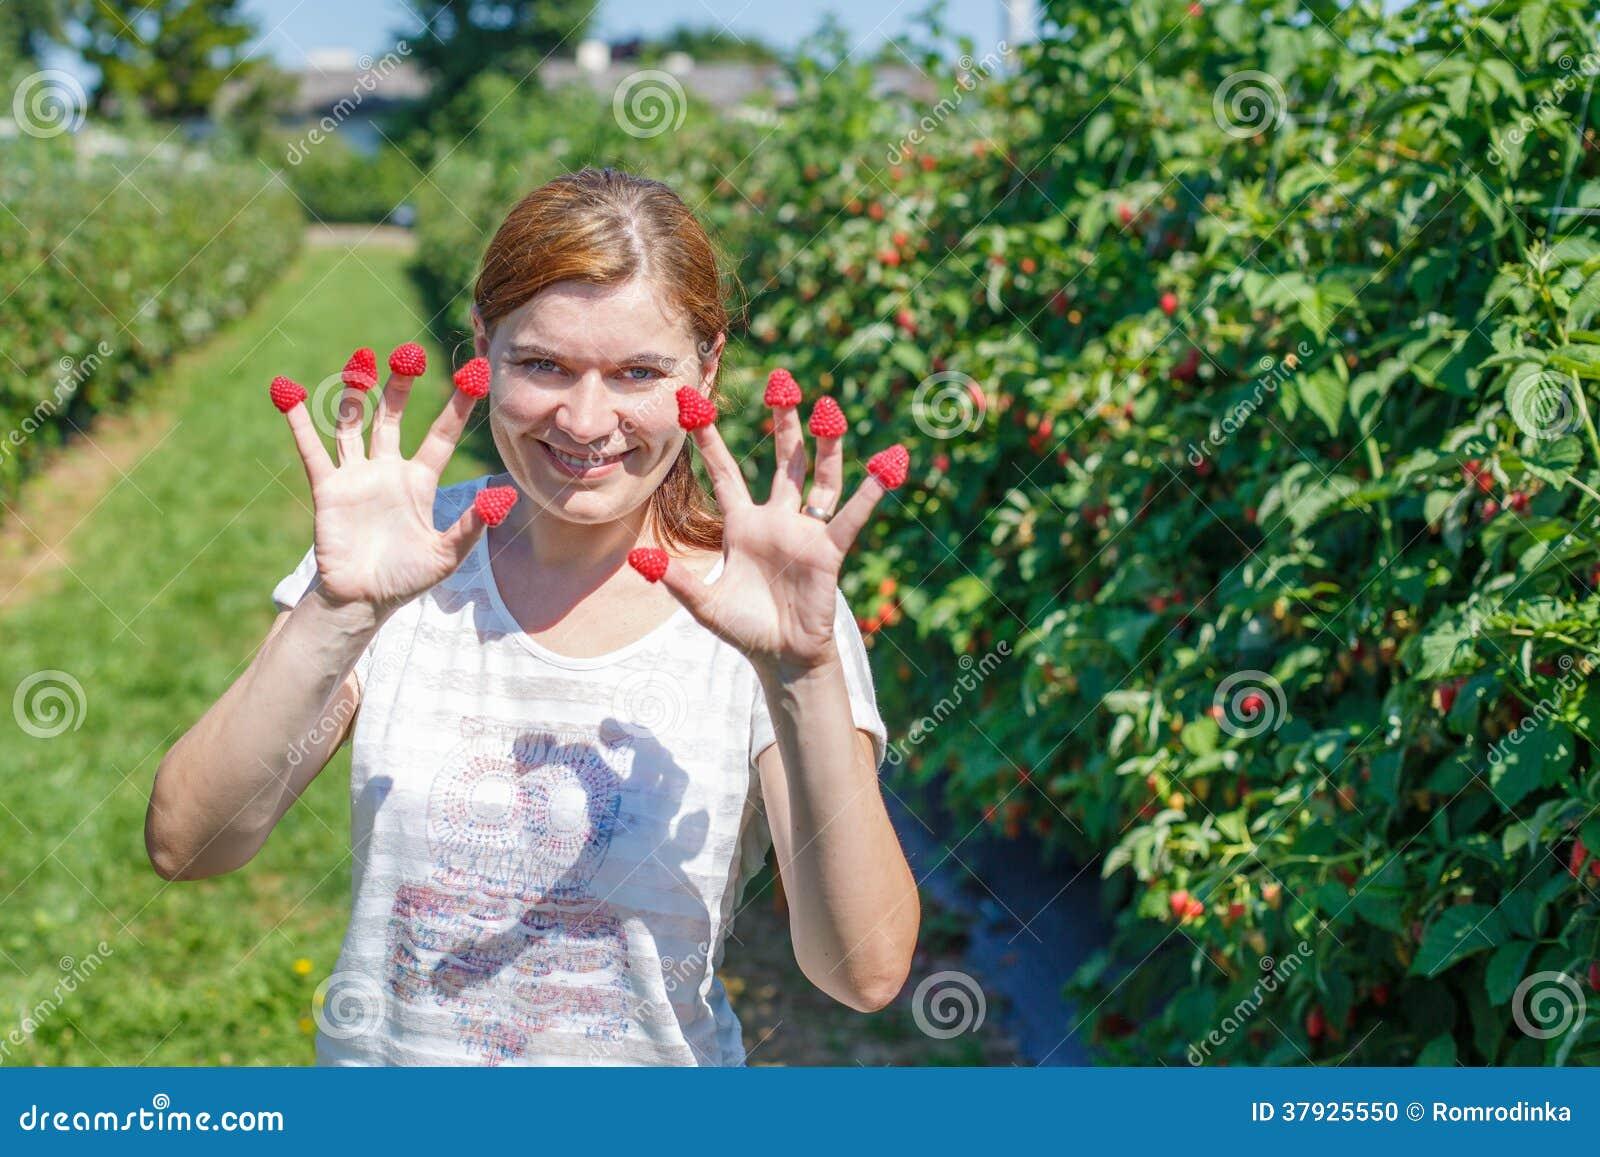 Поленики рудоразборки молодой женщины дальше выбирают ферму ягоды в Германии